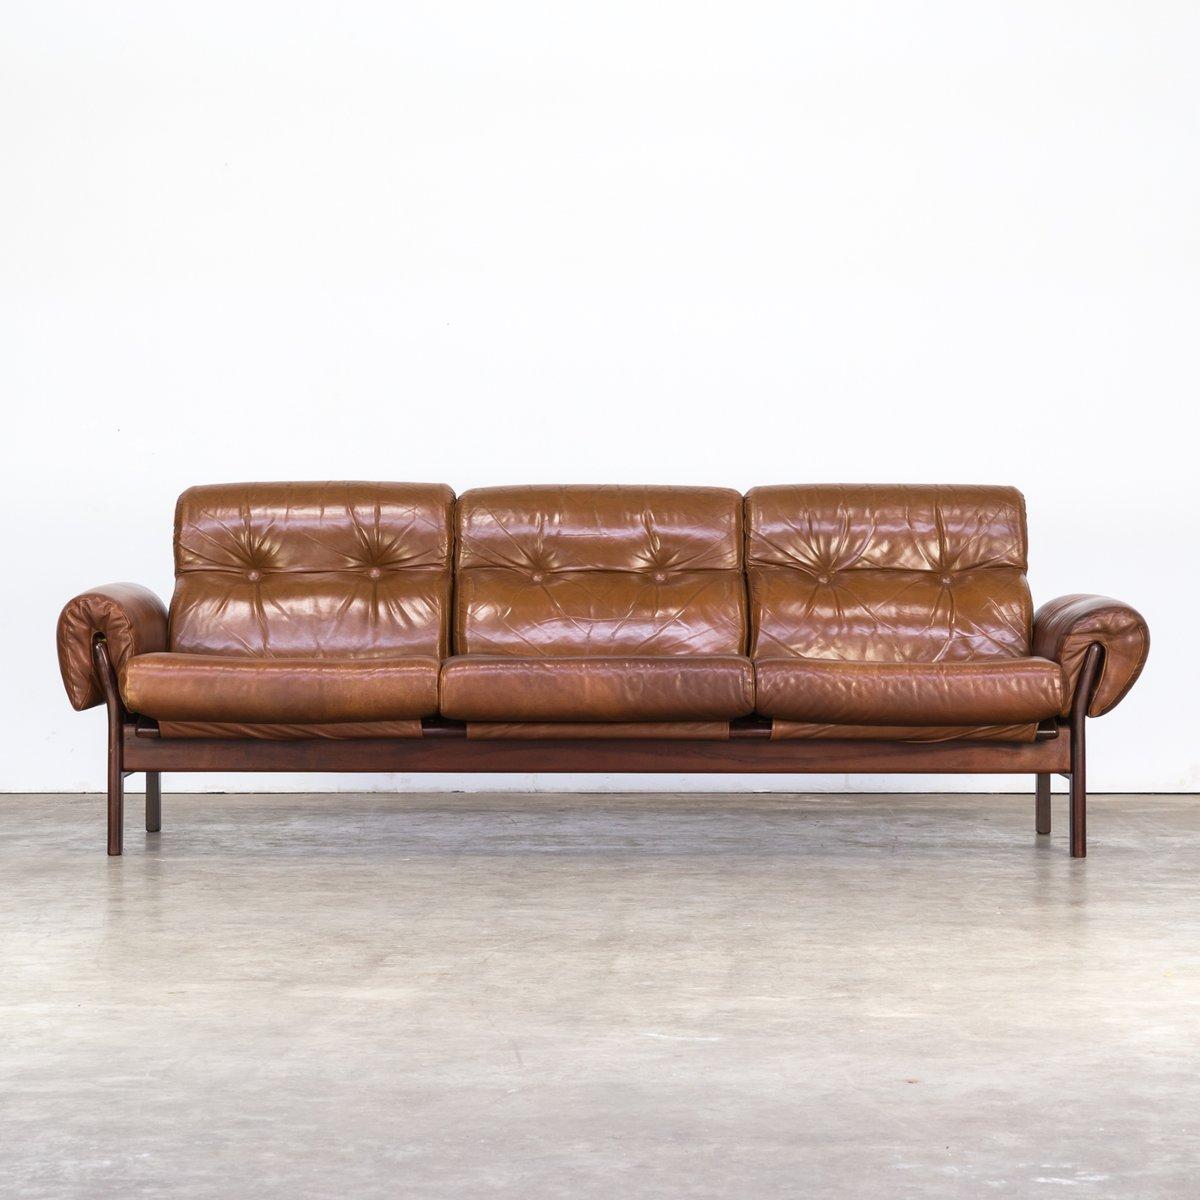 cognacfarbenes sofa aus leder und palisander von arne norell 1970er bei pamono kaufen. Black Bedroom Furniture Sets. Home Design Ideas